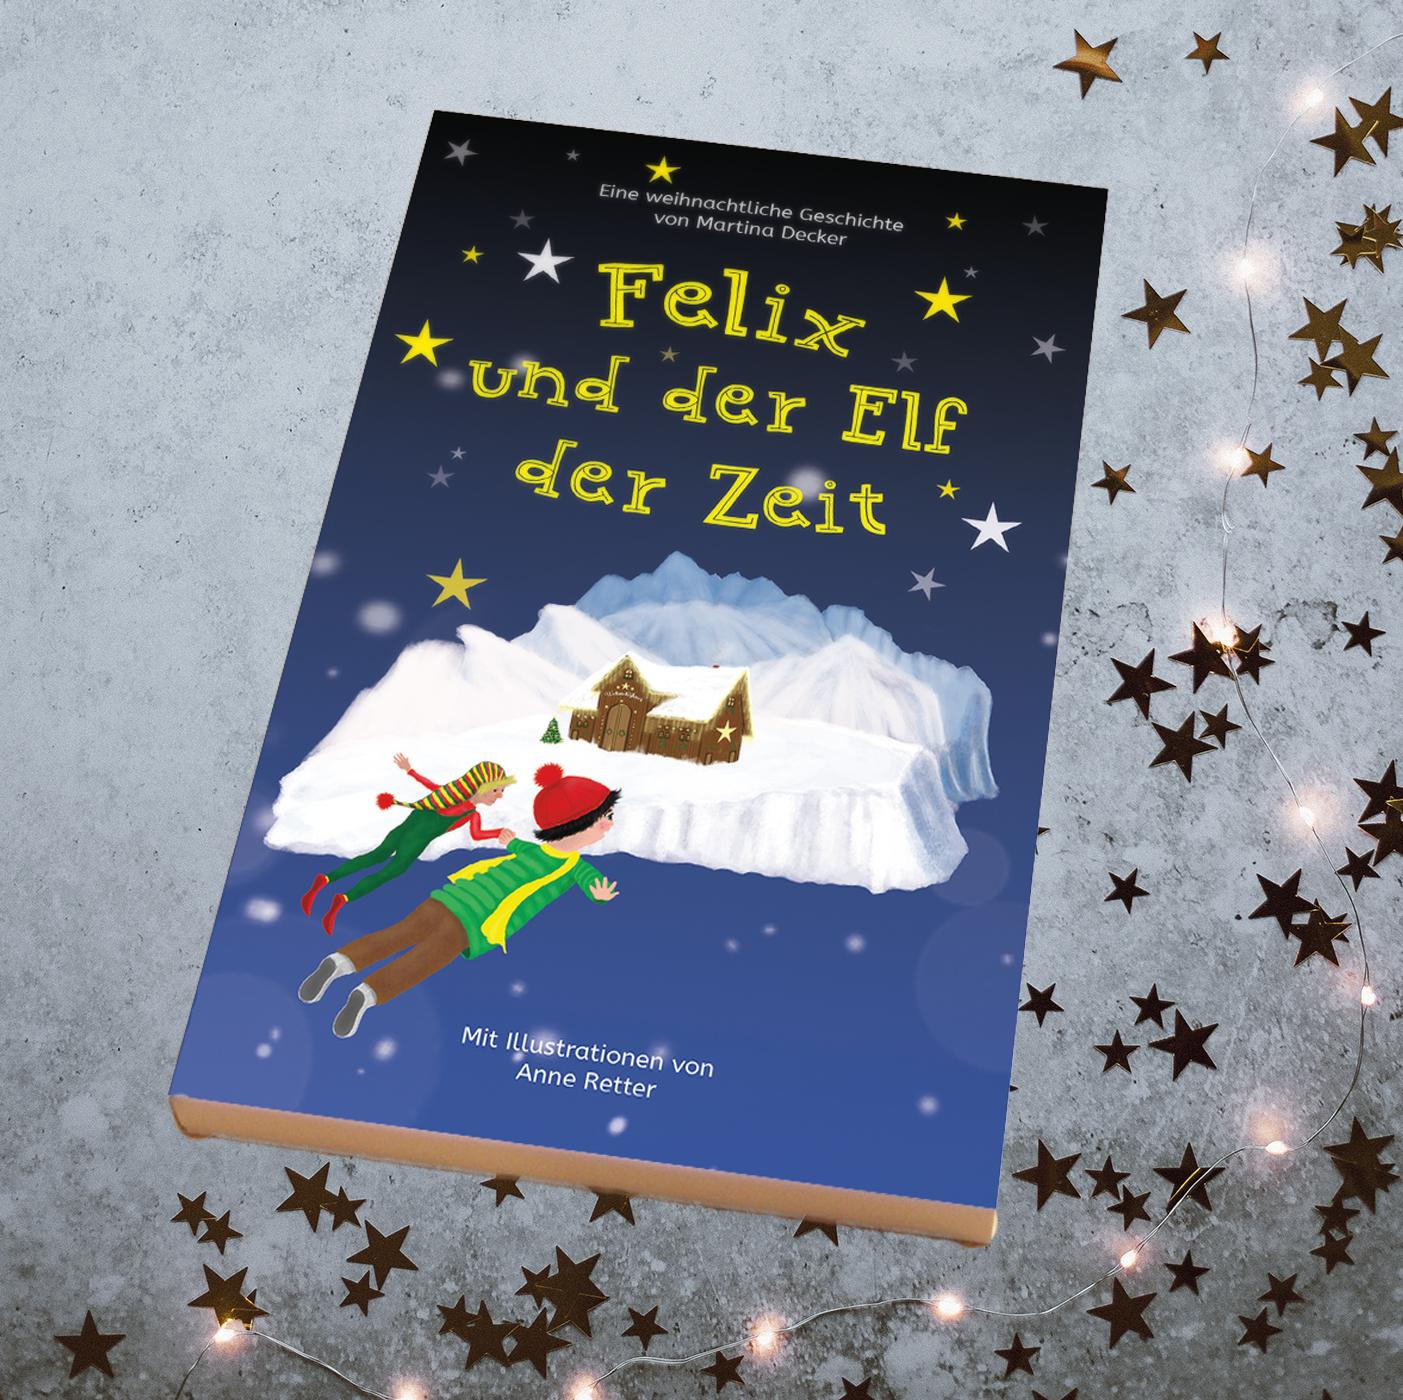 Felix und der Elf der Zeit - weihnachtliche Geschichte für Erstleser und Vorleser Illustration Anne Retter Text Martina Decker